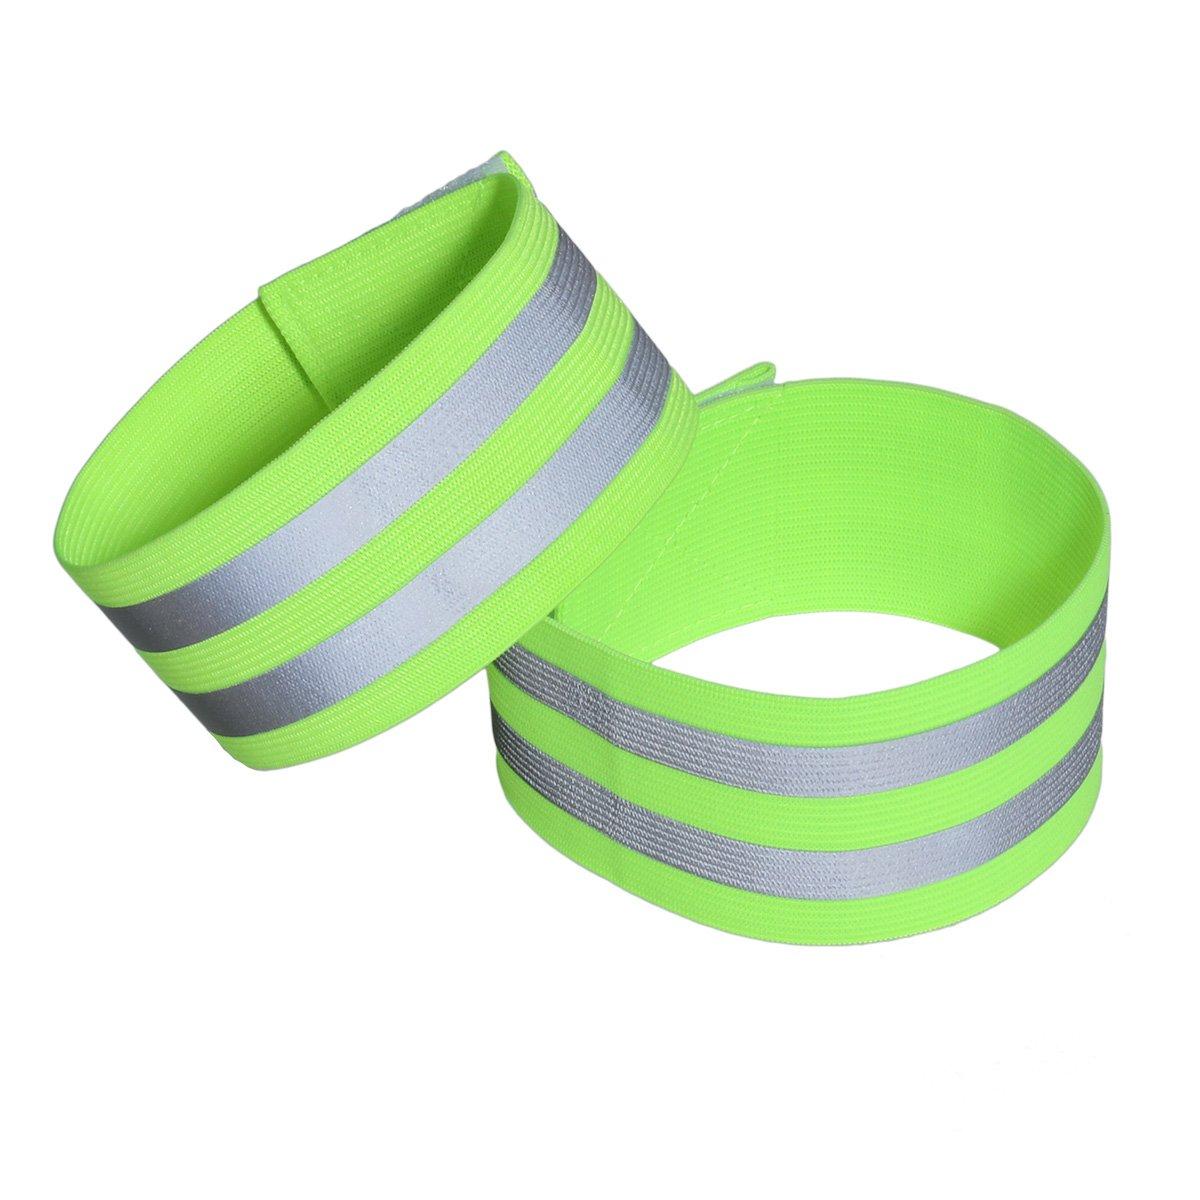 LIOOBO 1 para Reflektierende Bänder für Handgelenk Arm Knöchelbein Reflektierende Laufbekleidung für Männer Frauen Nacht Laufen Radfahren Wandern Fahrrad (Grün)